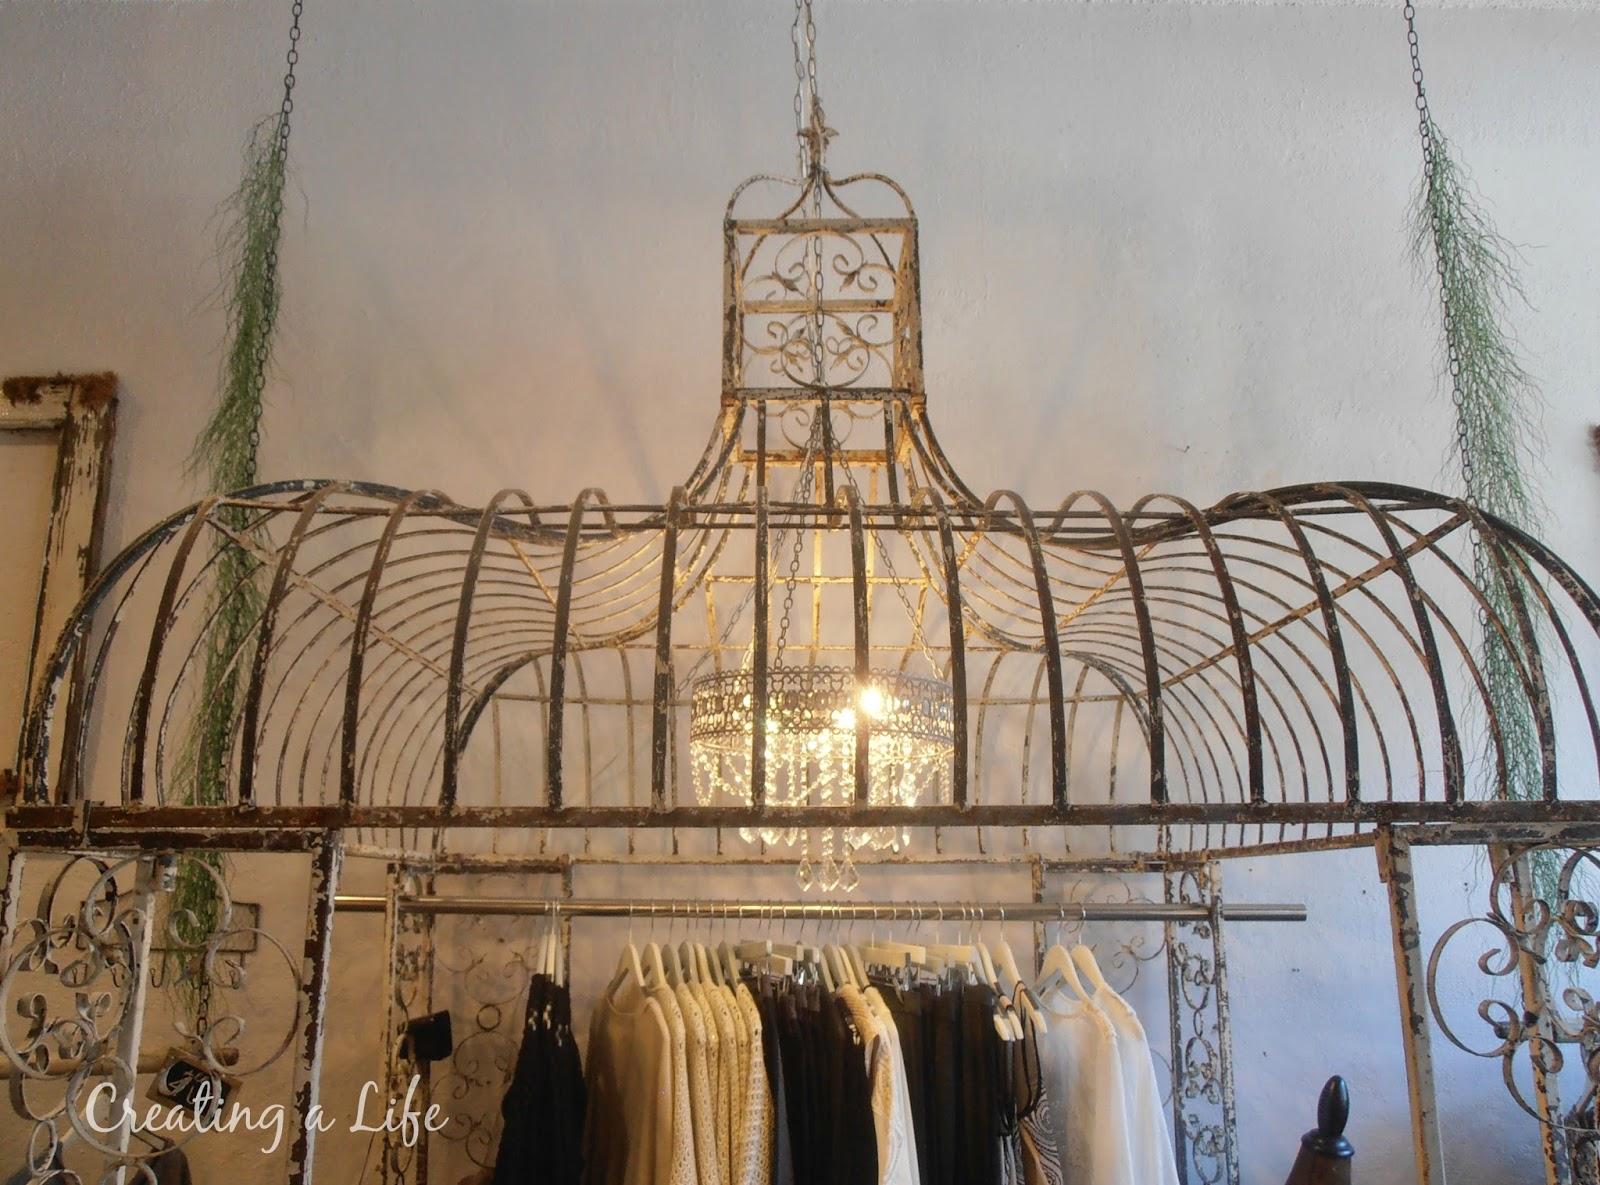 Creating A Life: Shop Tour! Elizabeth Dean Boutique